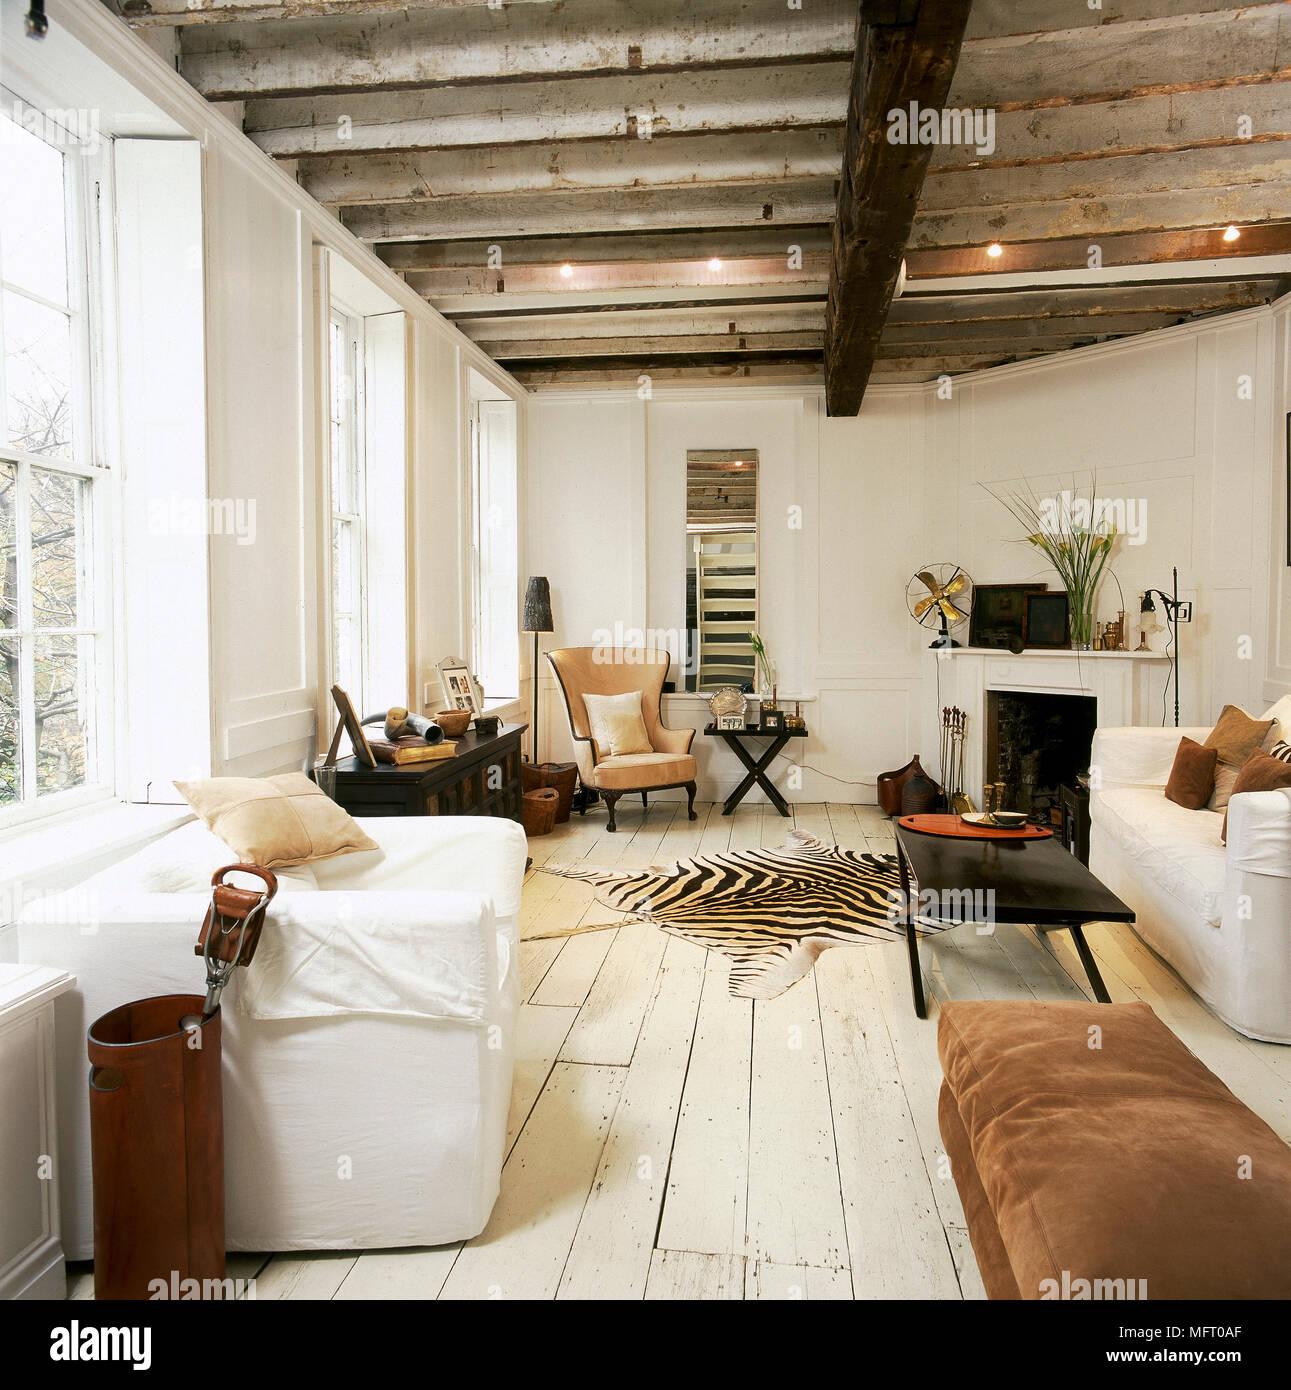 Landhausstil Wohnzimmer Mit Holzbalkendecke Ein Sofa Und Tierischer